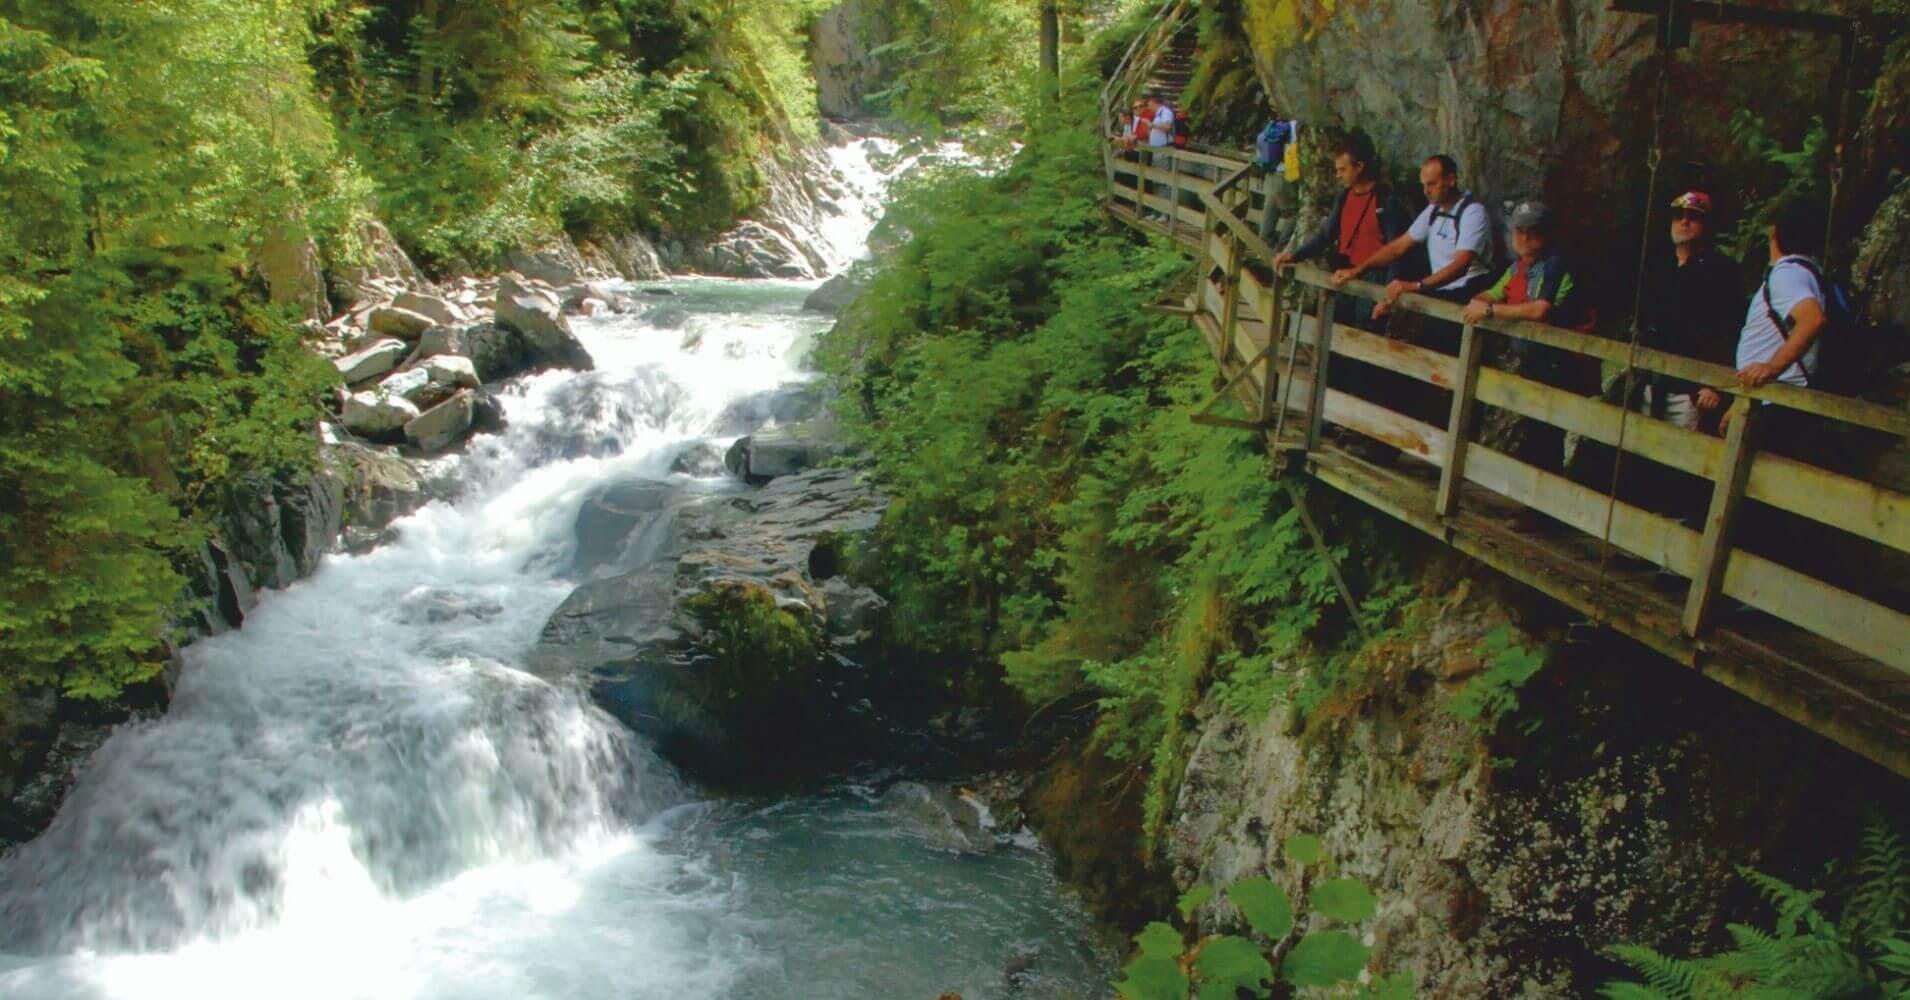 Gorges de la Diosaz, Alta Saboya en Auvernia-Ródano-Alpes, Francia.